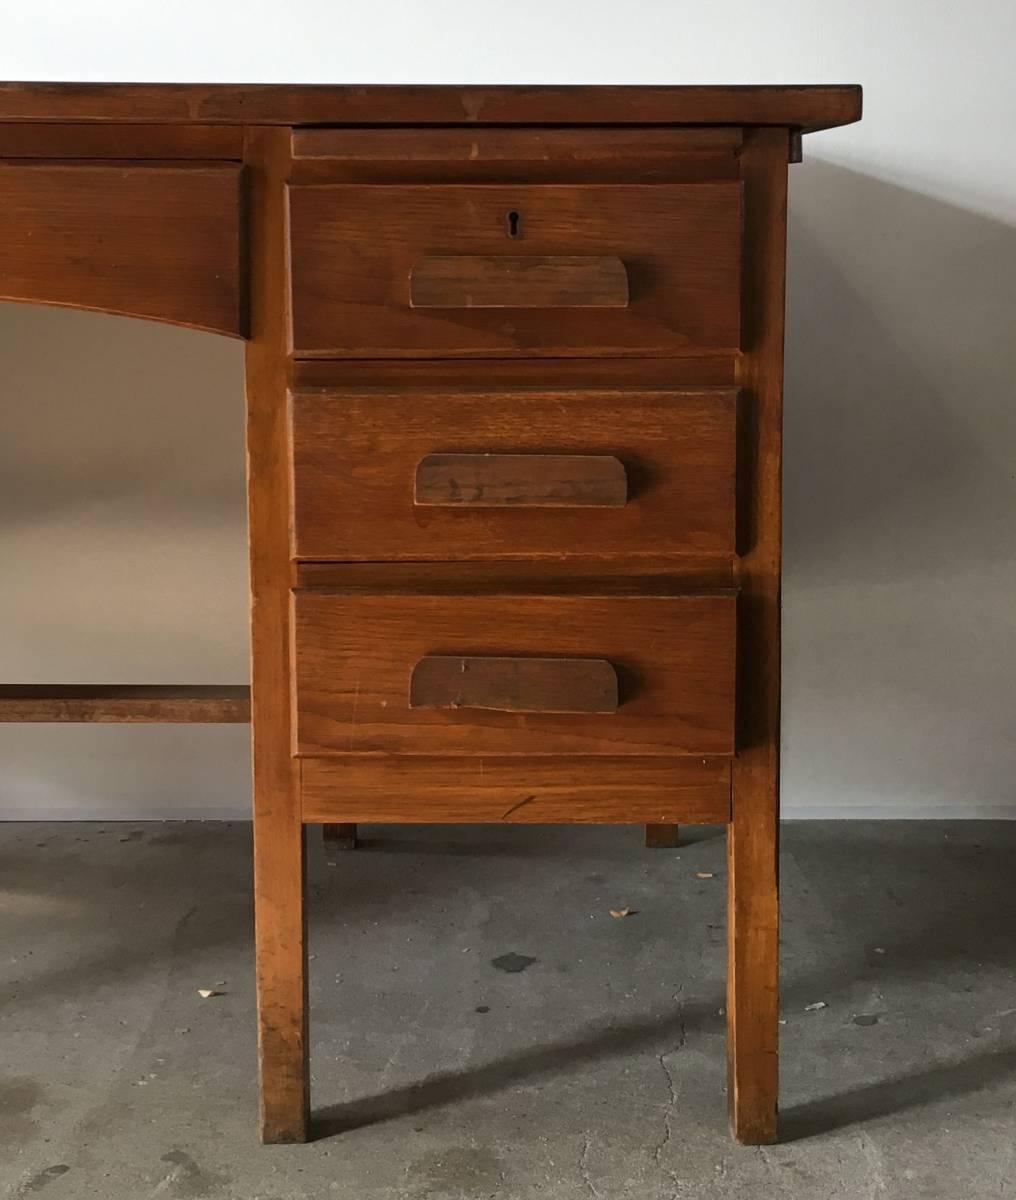 イギリス アンティーク 1940s MID CENTURY DESK オーク デスク 机 テーブル イス ビンテージ_画像3